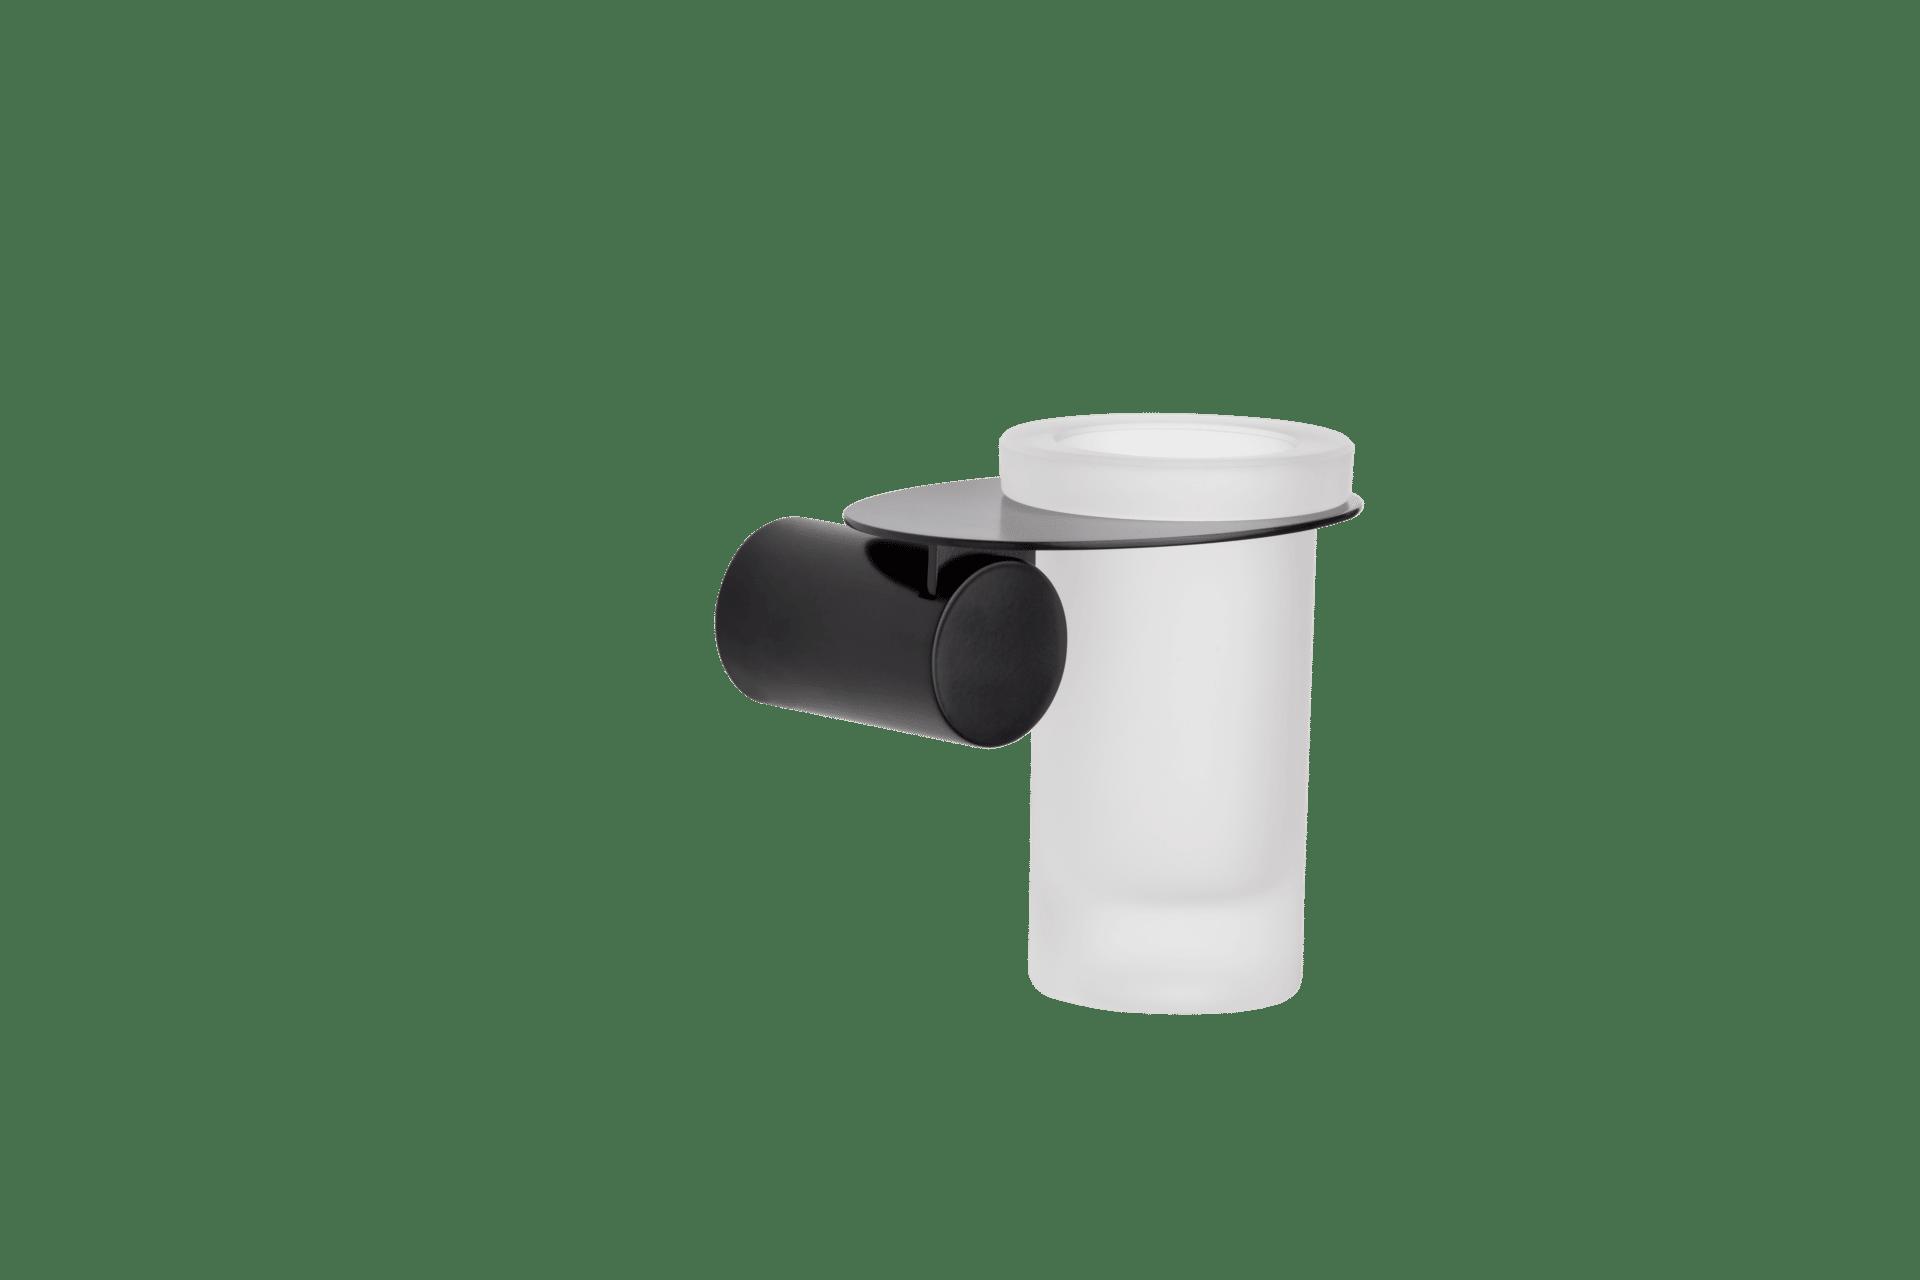 accessoires salle de bains sols concept gardanne